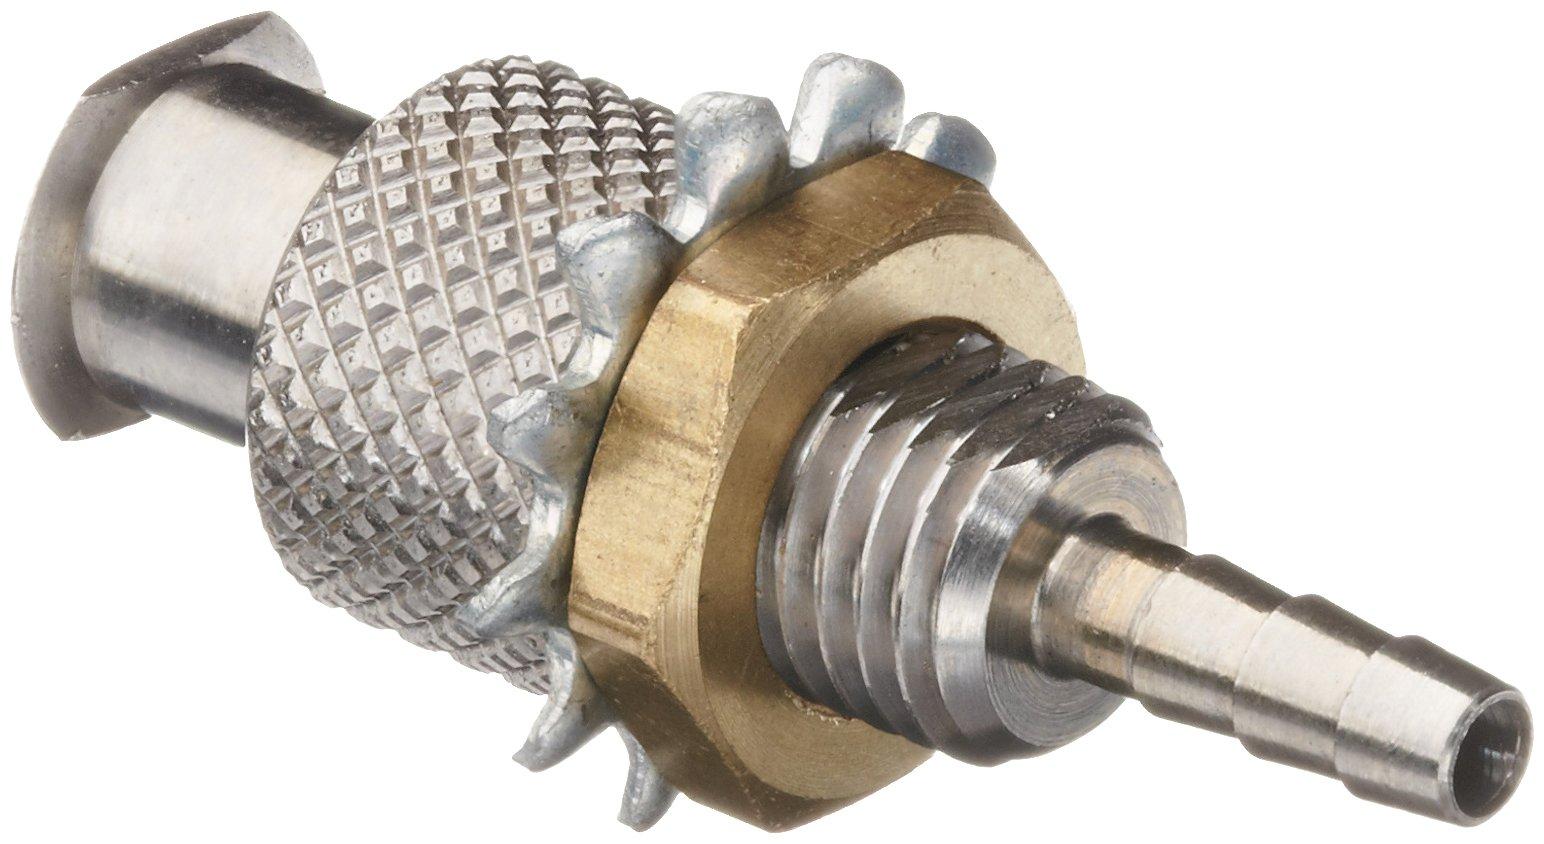 Luer Stainless Steel 316 Female Bulkhead Adaptor, For 3/32'' Tube, 1/4-32 Thread